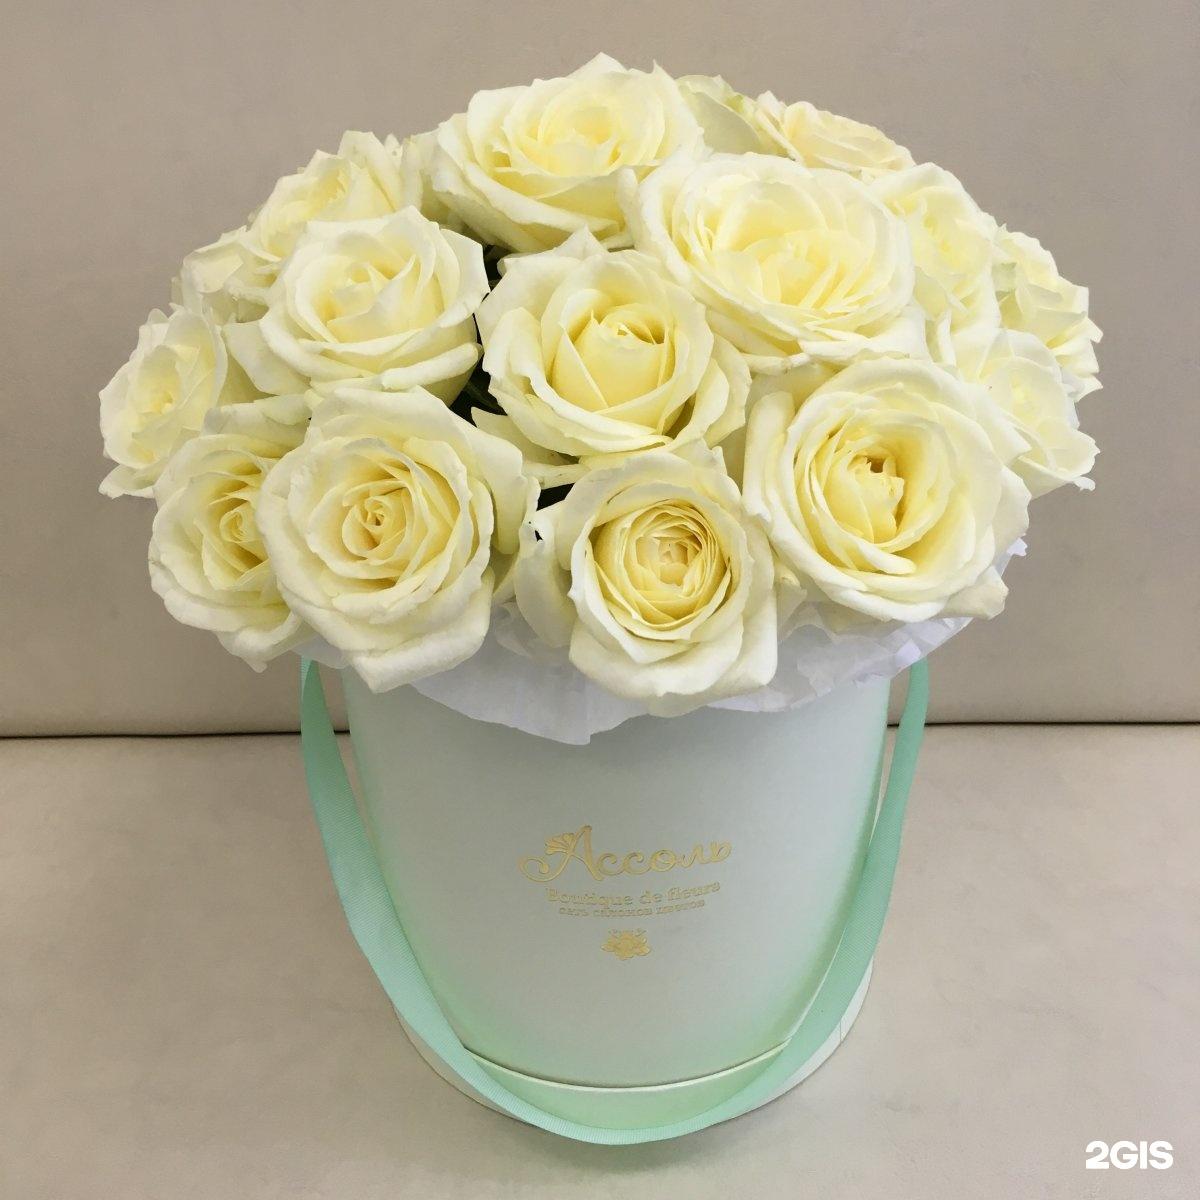 Цветы пушкин купить, красивый